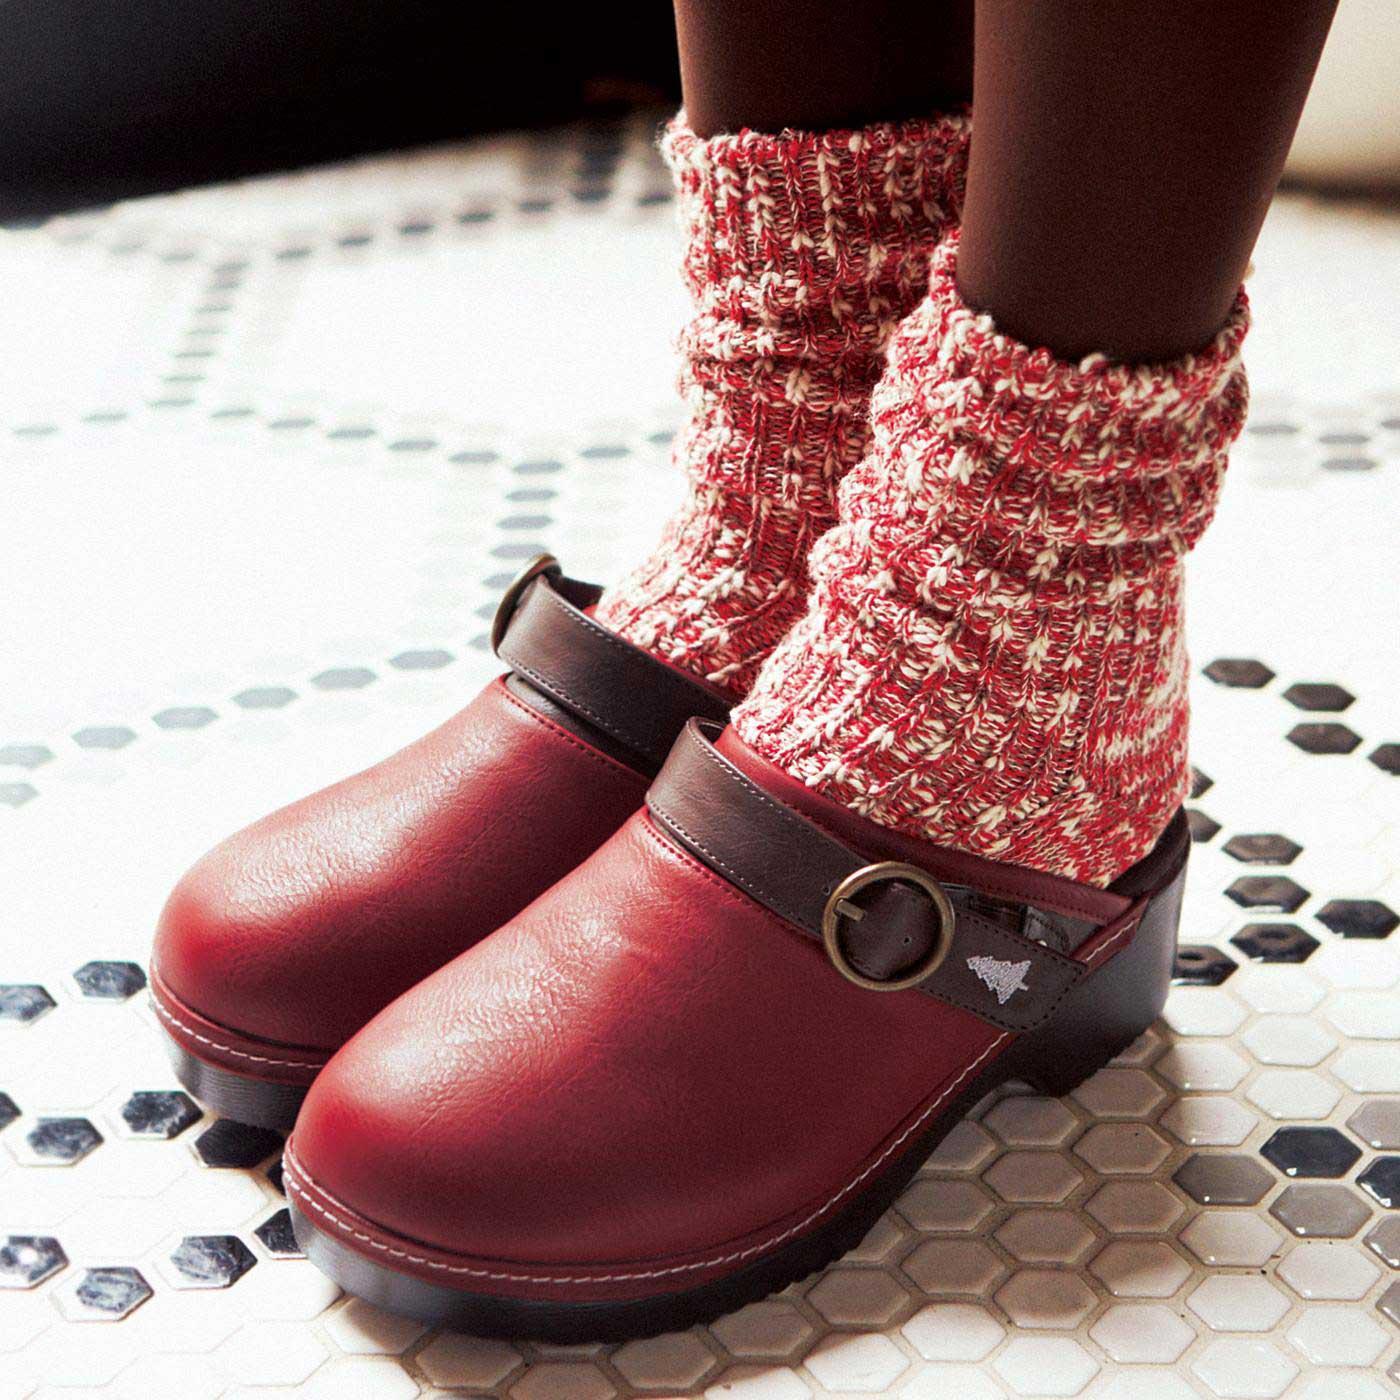 ストラップを前に持ってくれば、もこもこ靴下とのコーデも楽しめます。